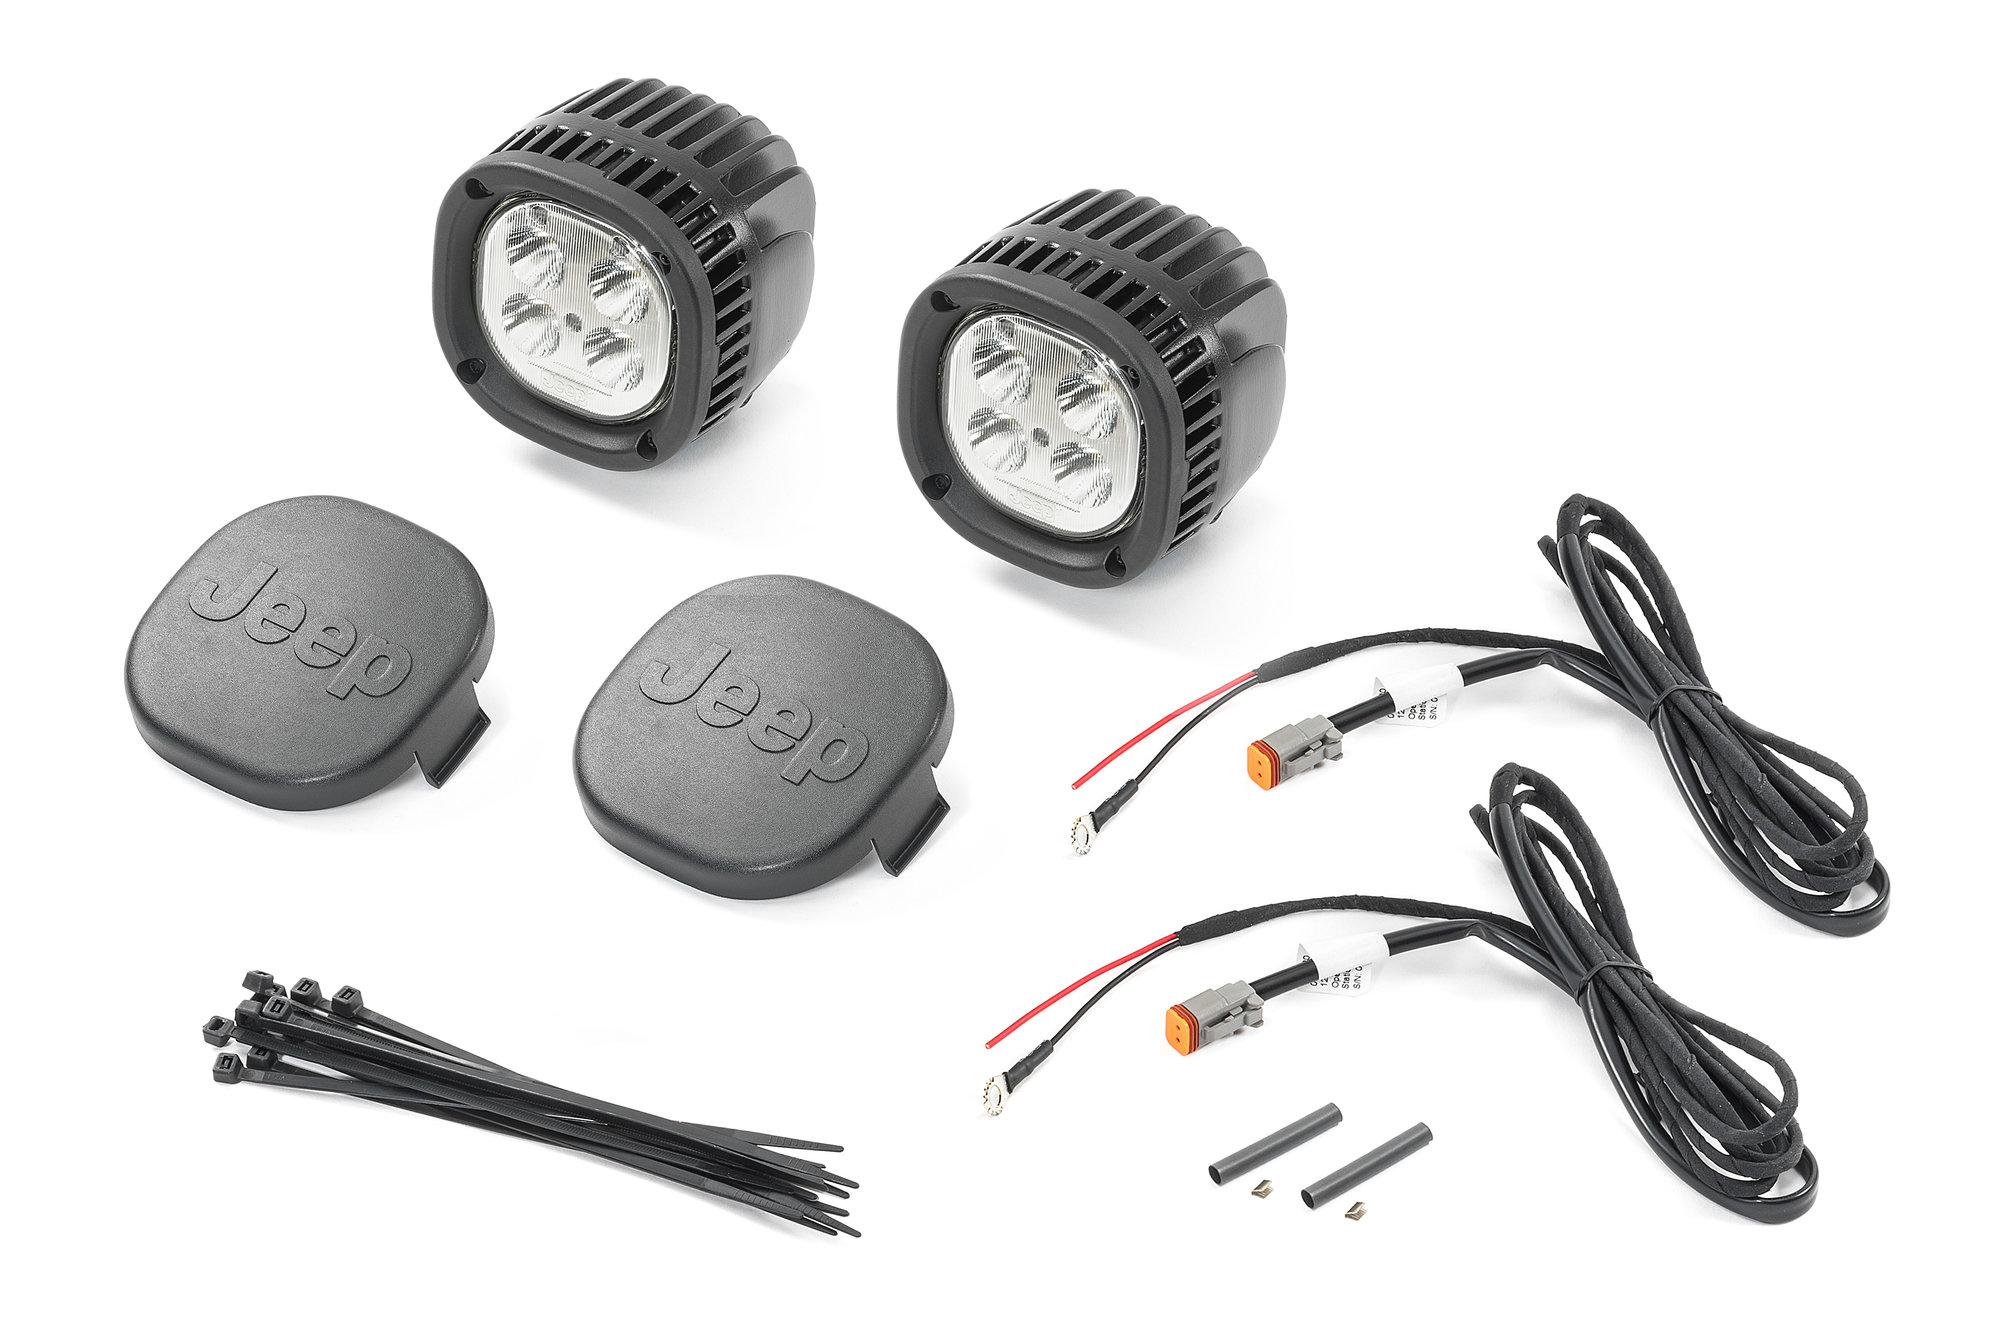 hight resolution of mopar 82215385ab 5 led offroad light kit for 18 19 jeep wrangler jl 2020 gladiator jt